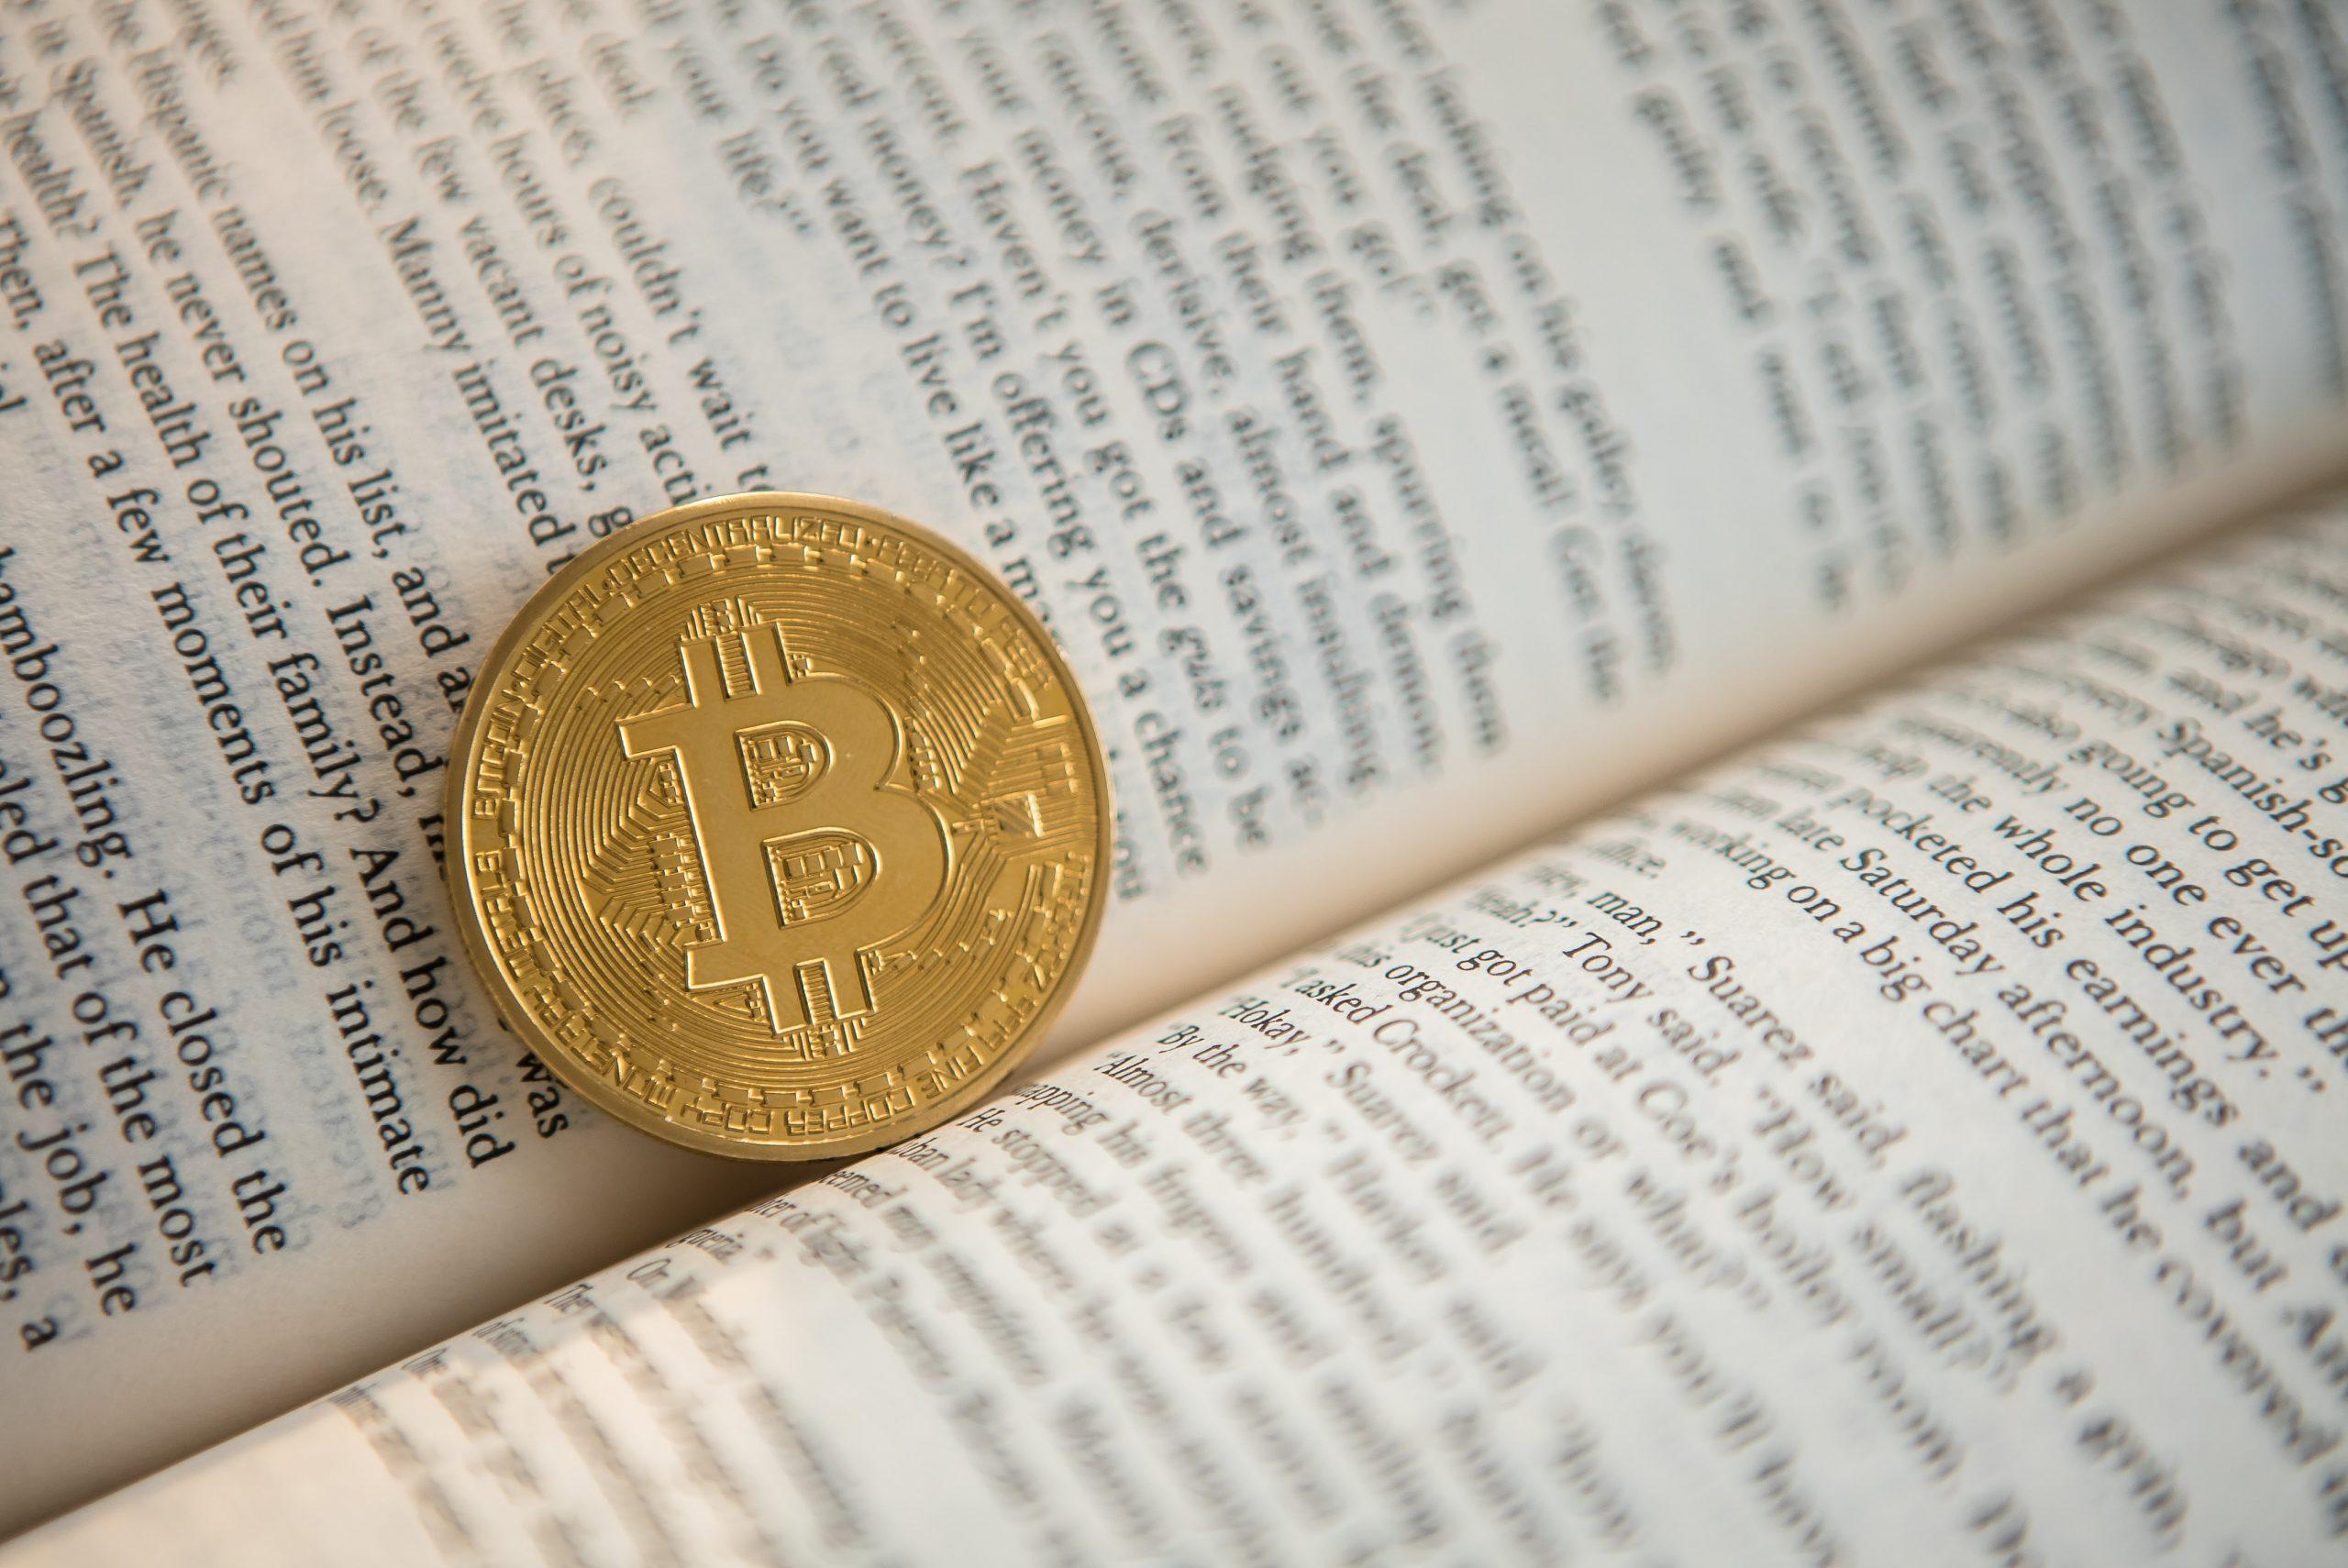 Felicitaciones por sobrevivir al mayor colapso en la historia de Bitcoin, pero ¿vendrá peor?